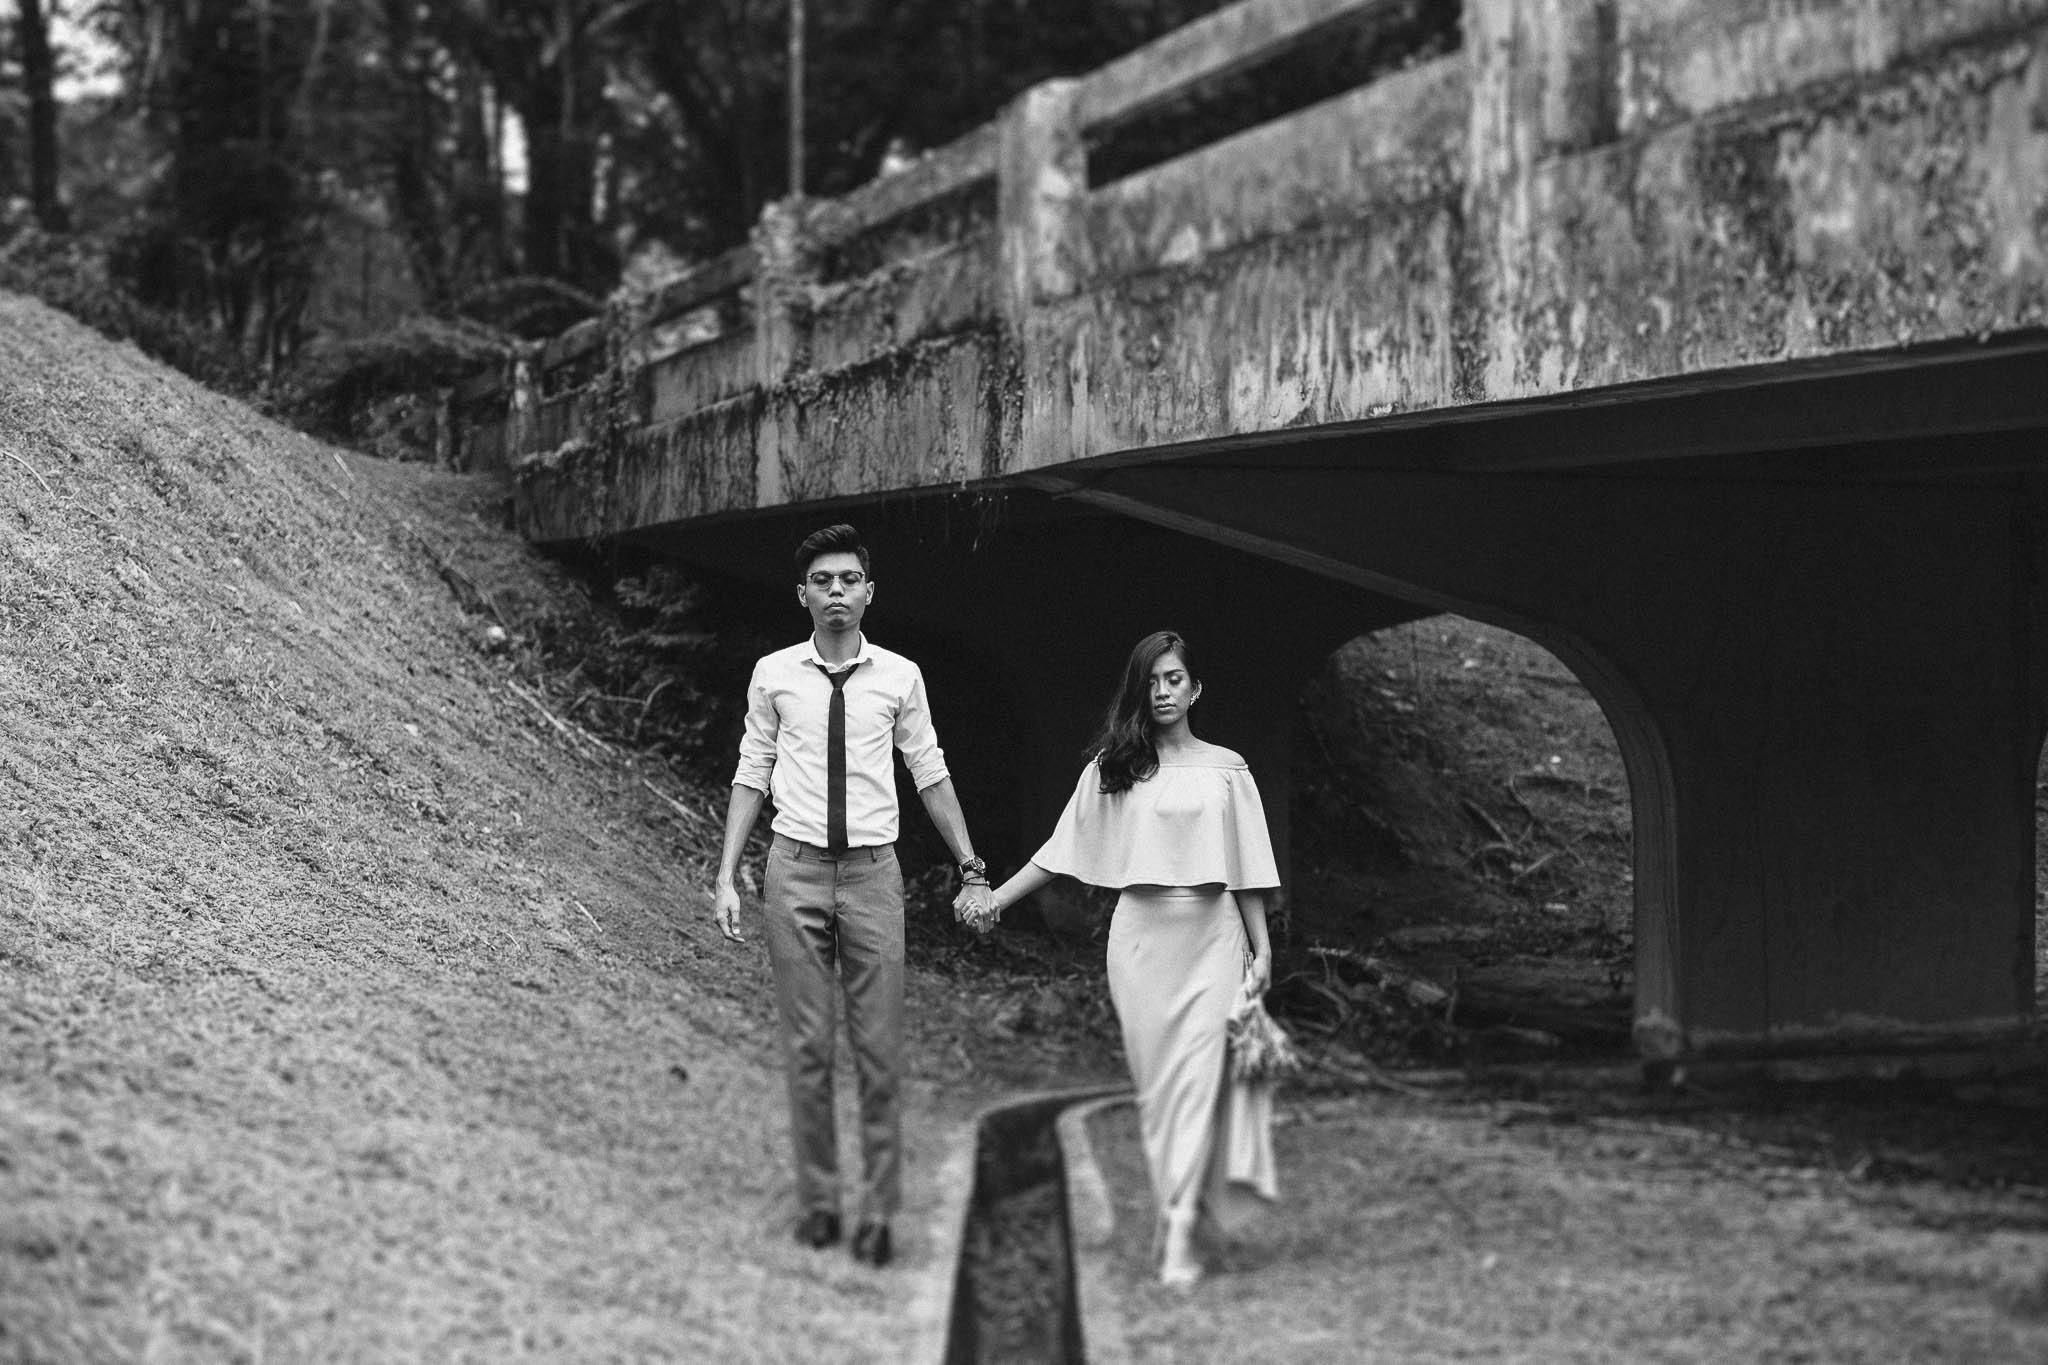 singapore-wedding-photographer-wemadethese-bw-003.jpg